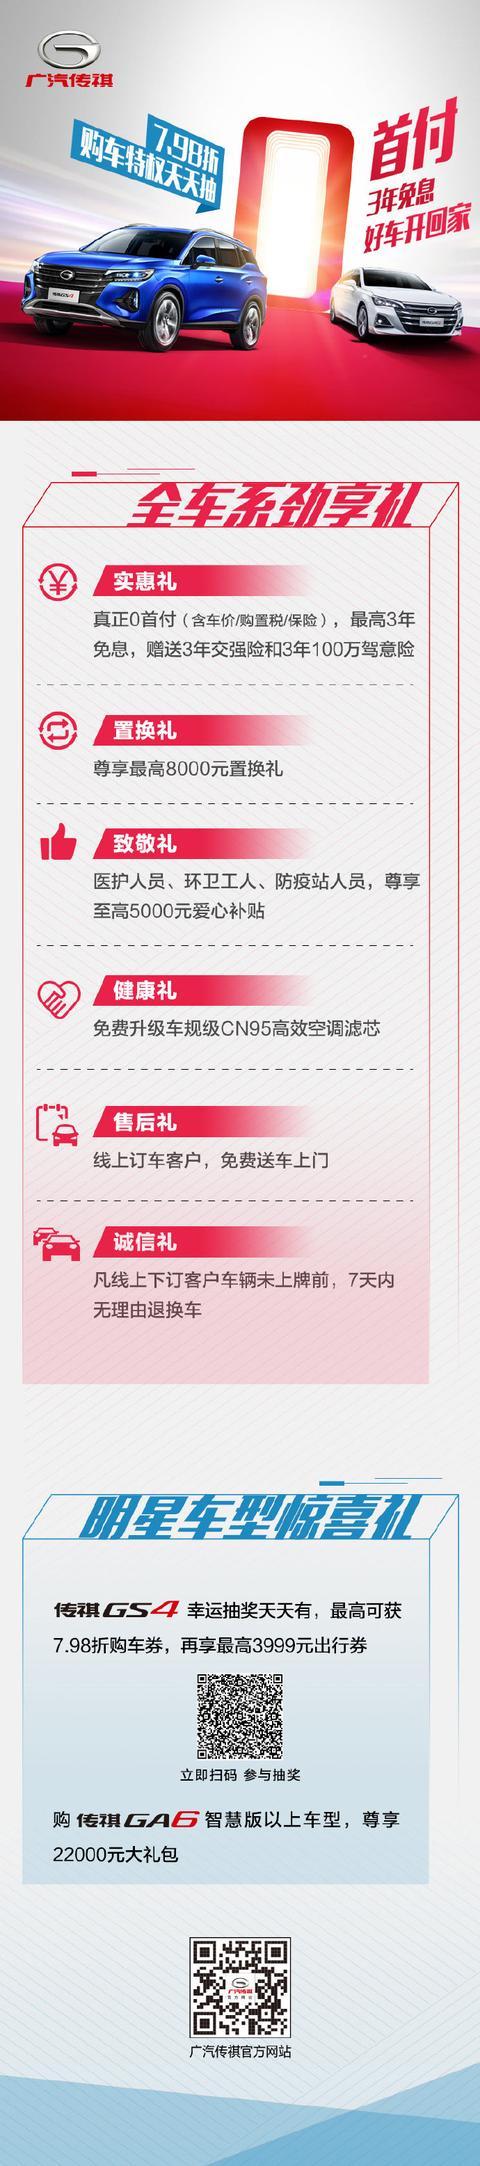 桂林·祺辰 | 广汽传祺超级0首付 金融购车月